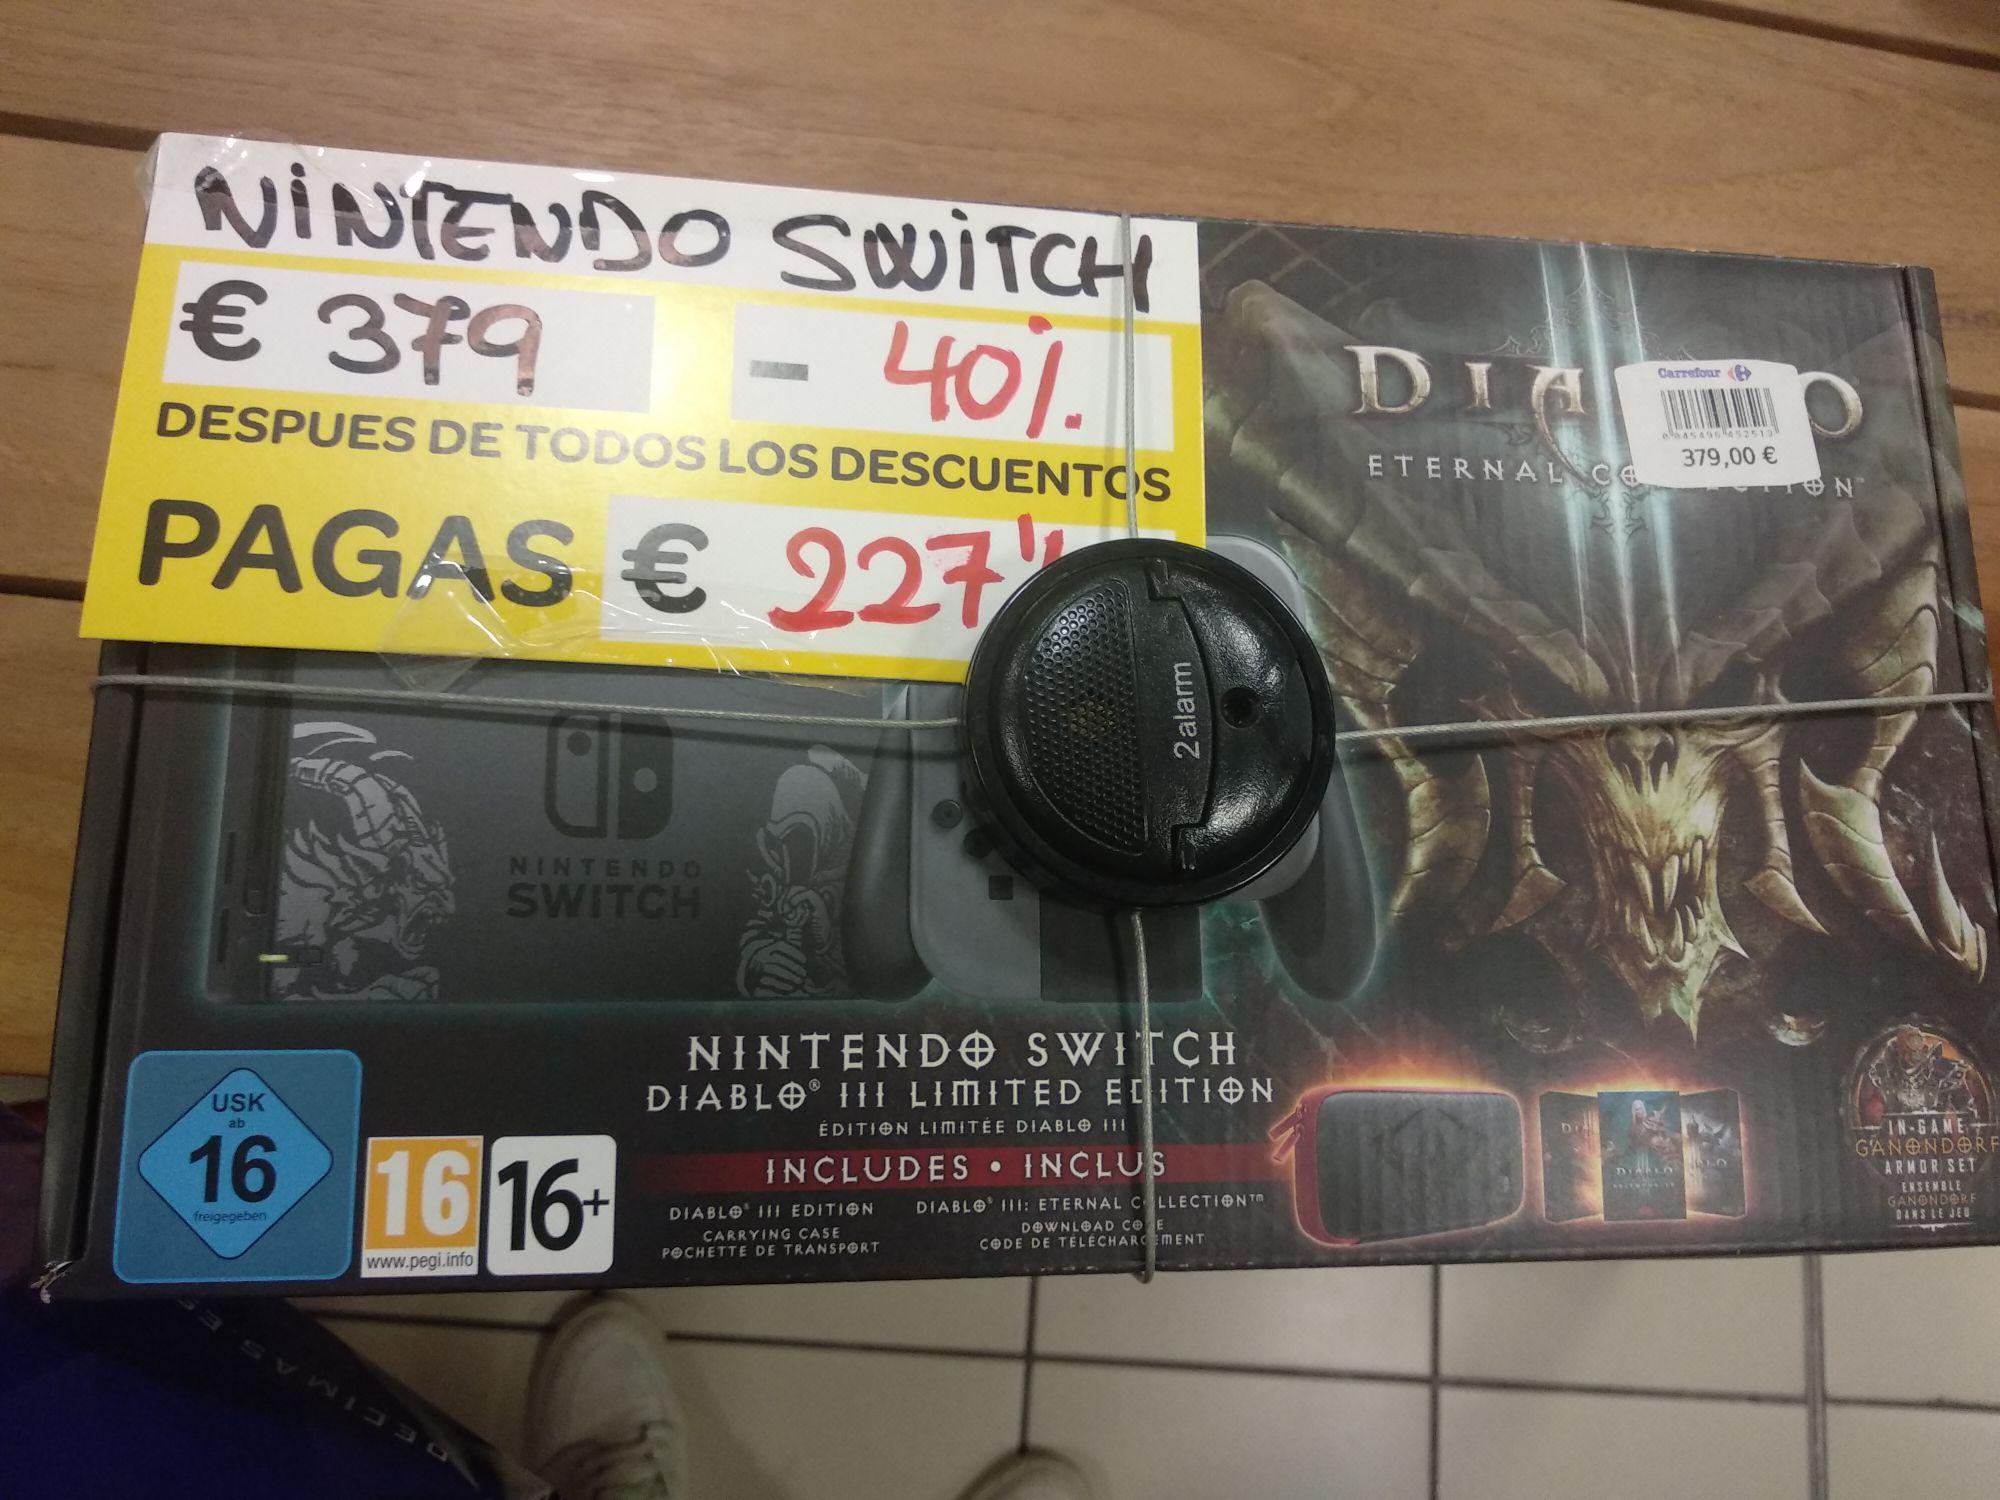 Nintendo Switch Diablo III Limited Edition (Carrefour del CC Puerta de Alicante)